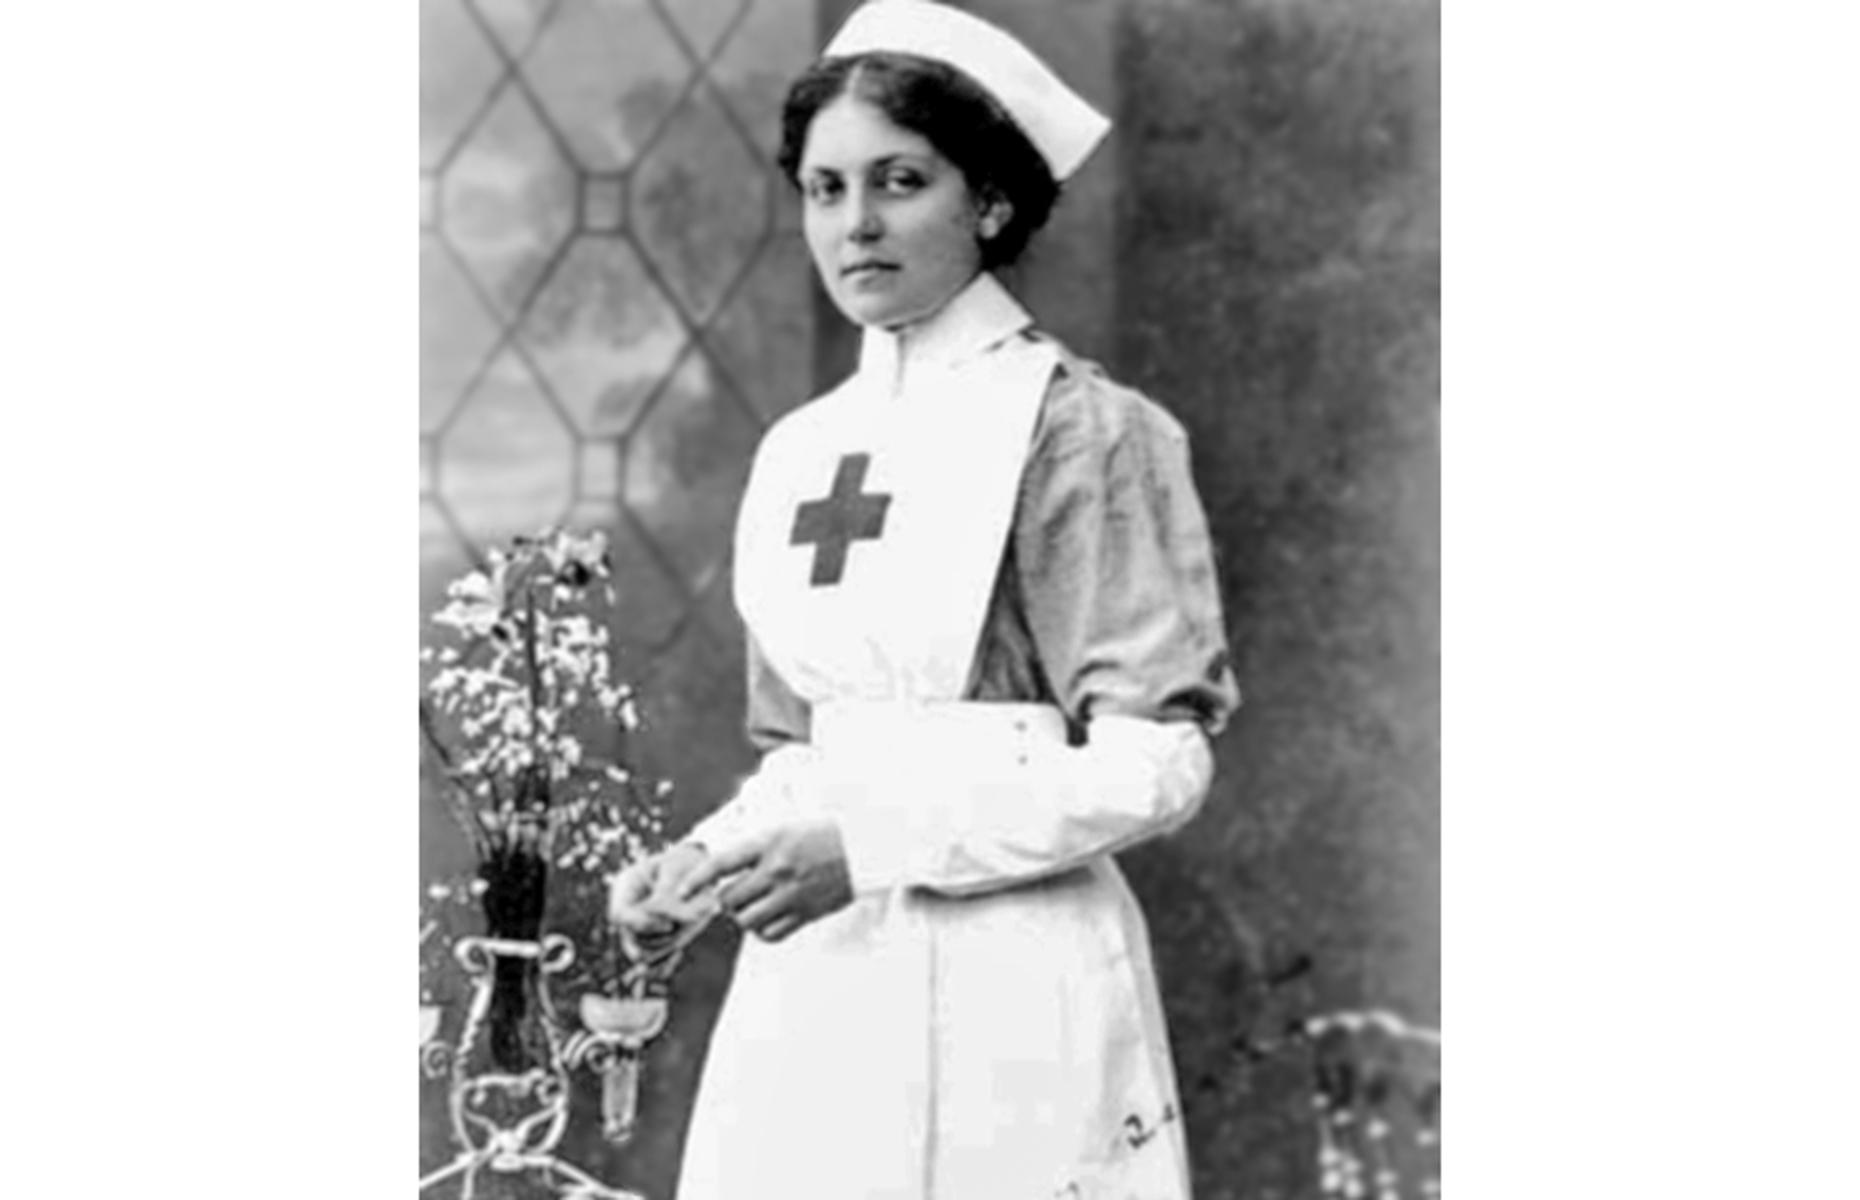 Violet Jessop, a nurse on the HMHS Britannic (Image: Public domain/via Wikimedia Commons)